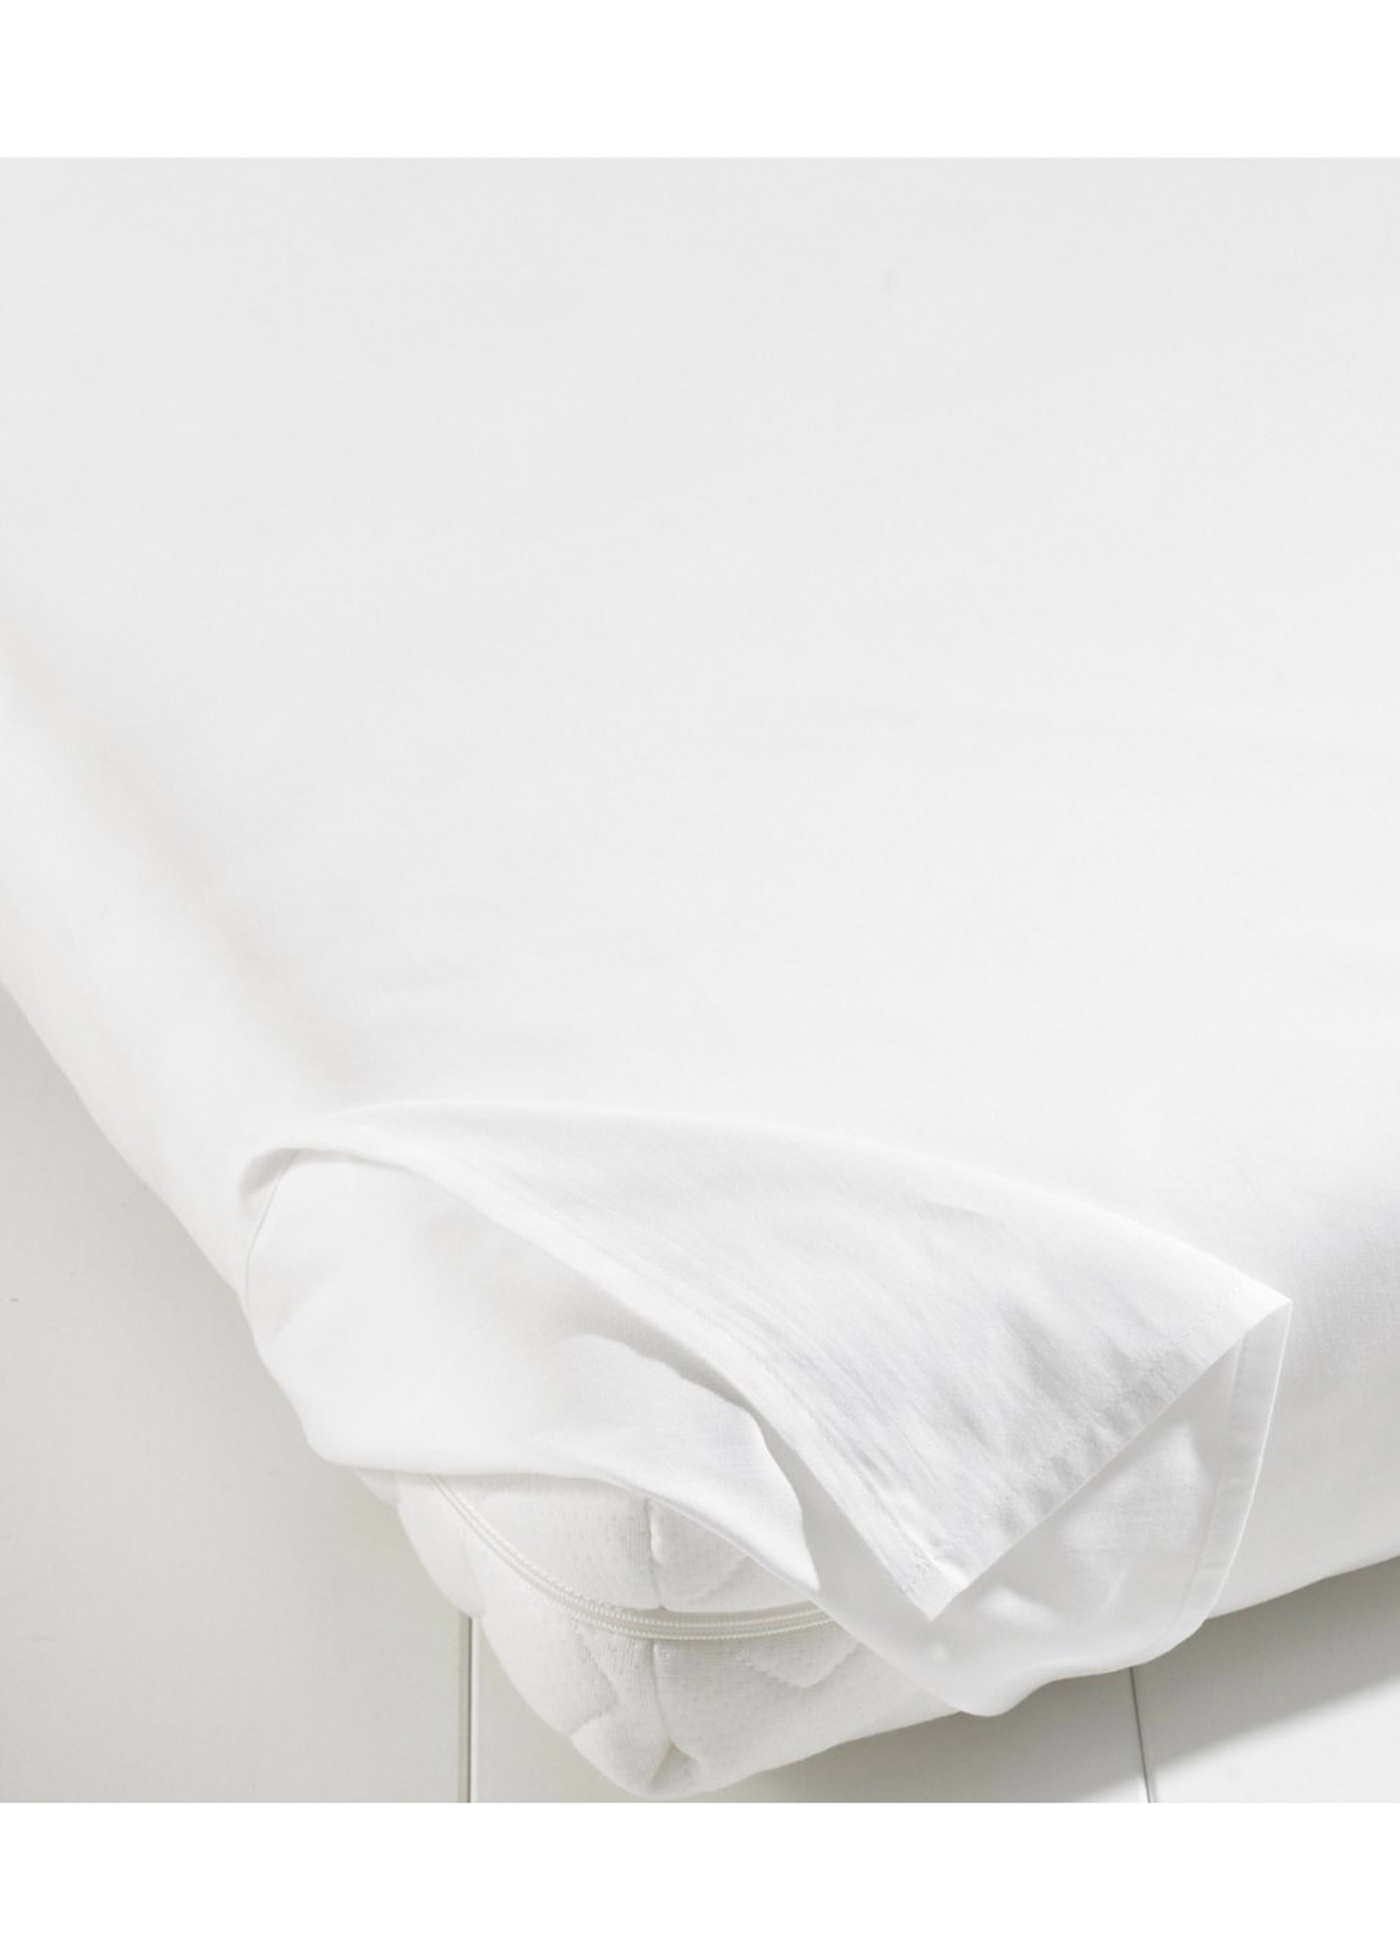 drap plat pas cher maison et jardin discount. Black Bedroom Furniture Sets. Home Design Ideas